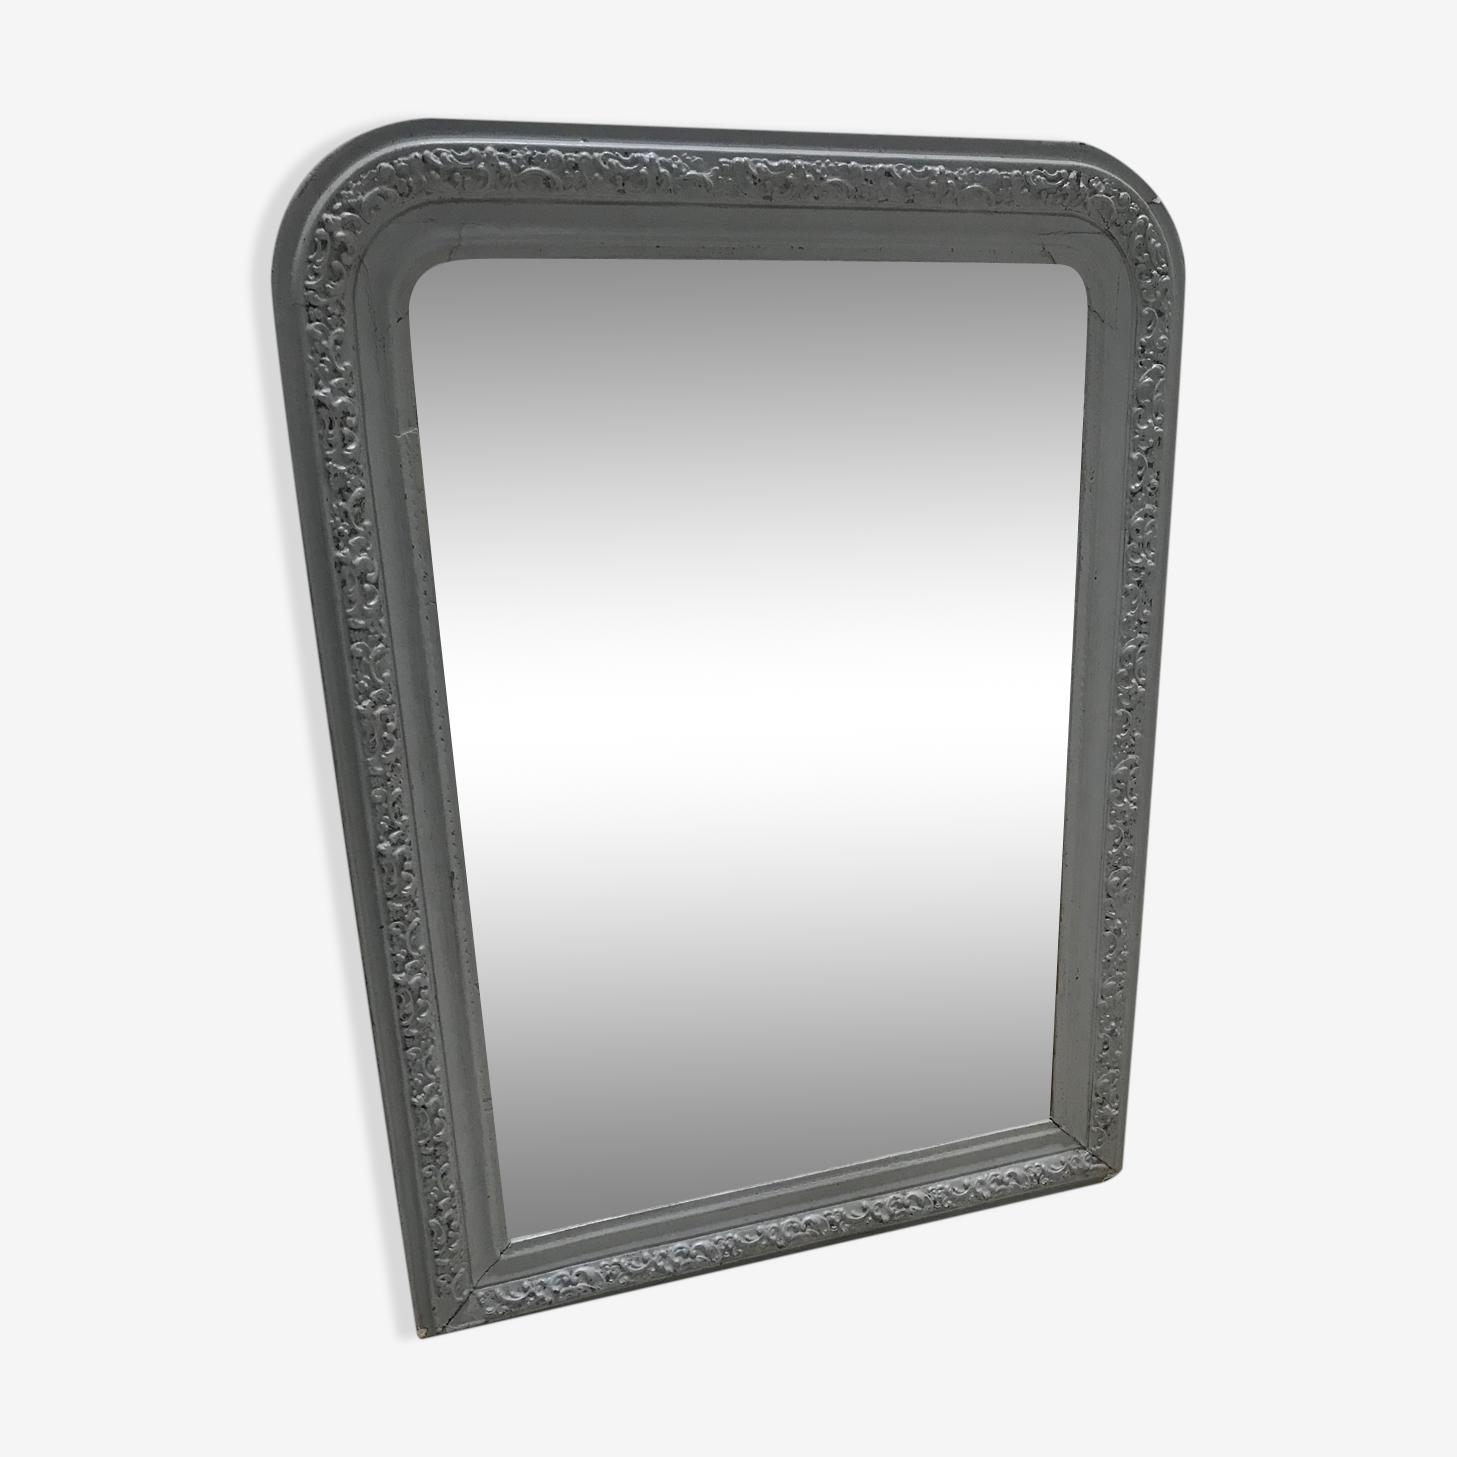 Miroir ancien de style Louis Philippe 90 x 66 cm